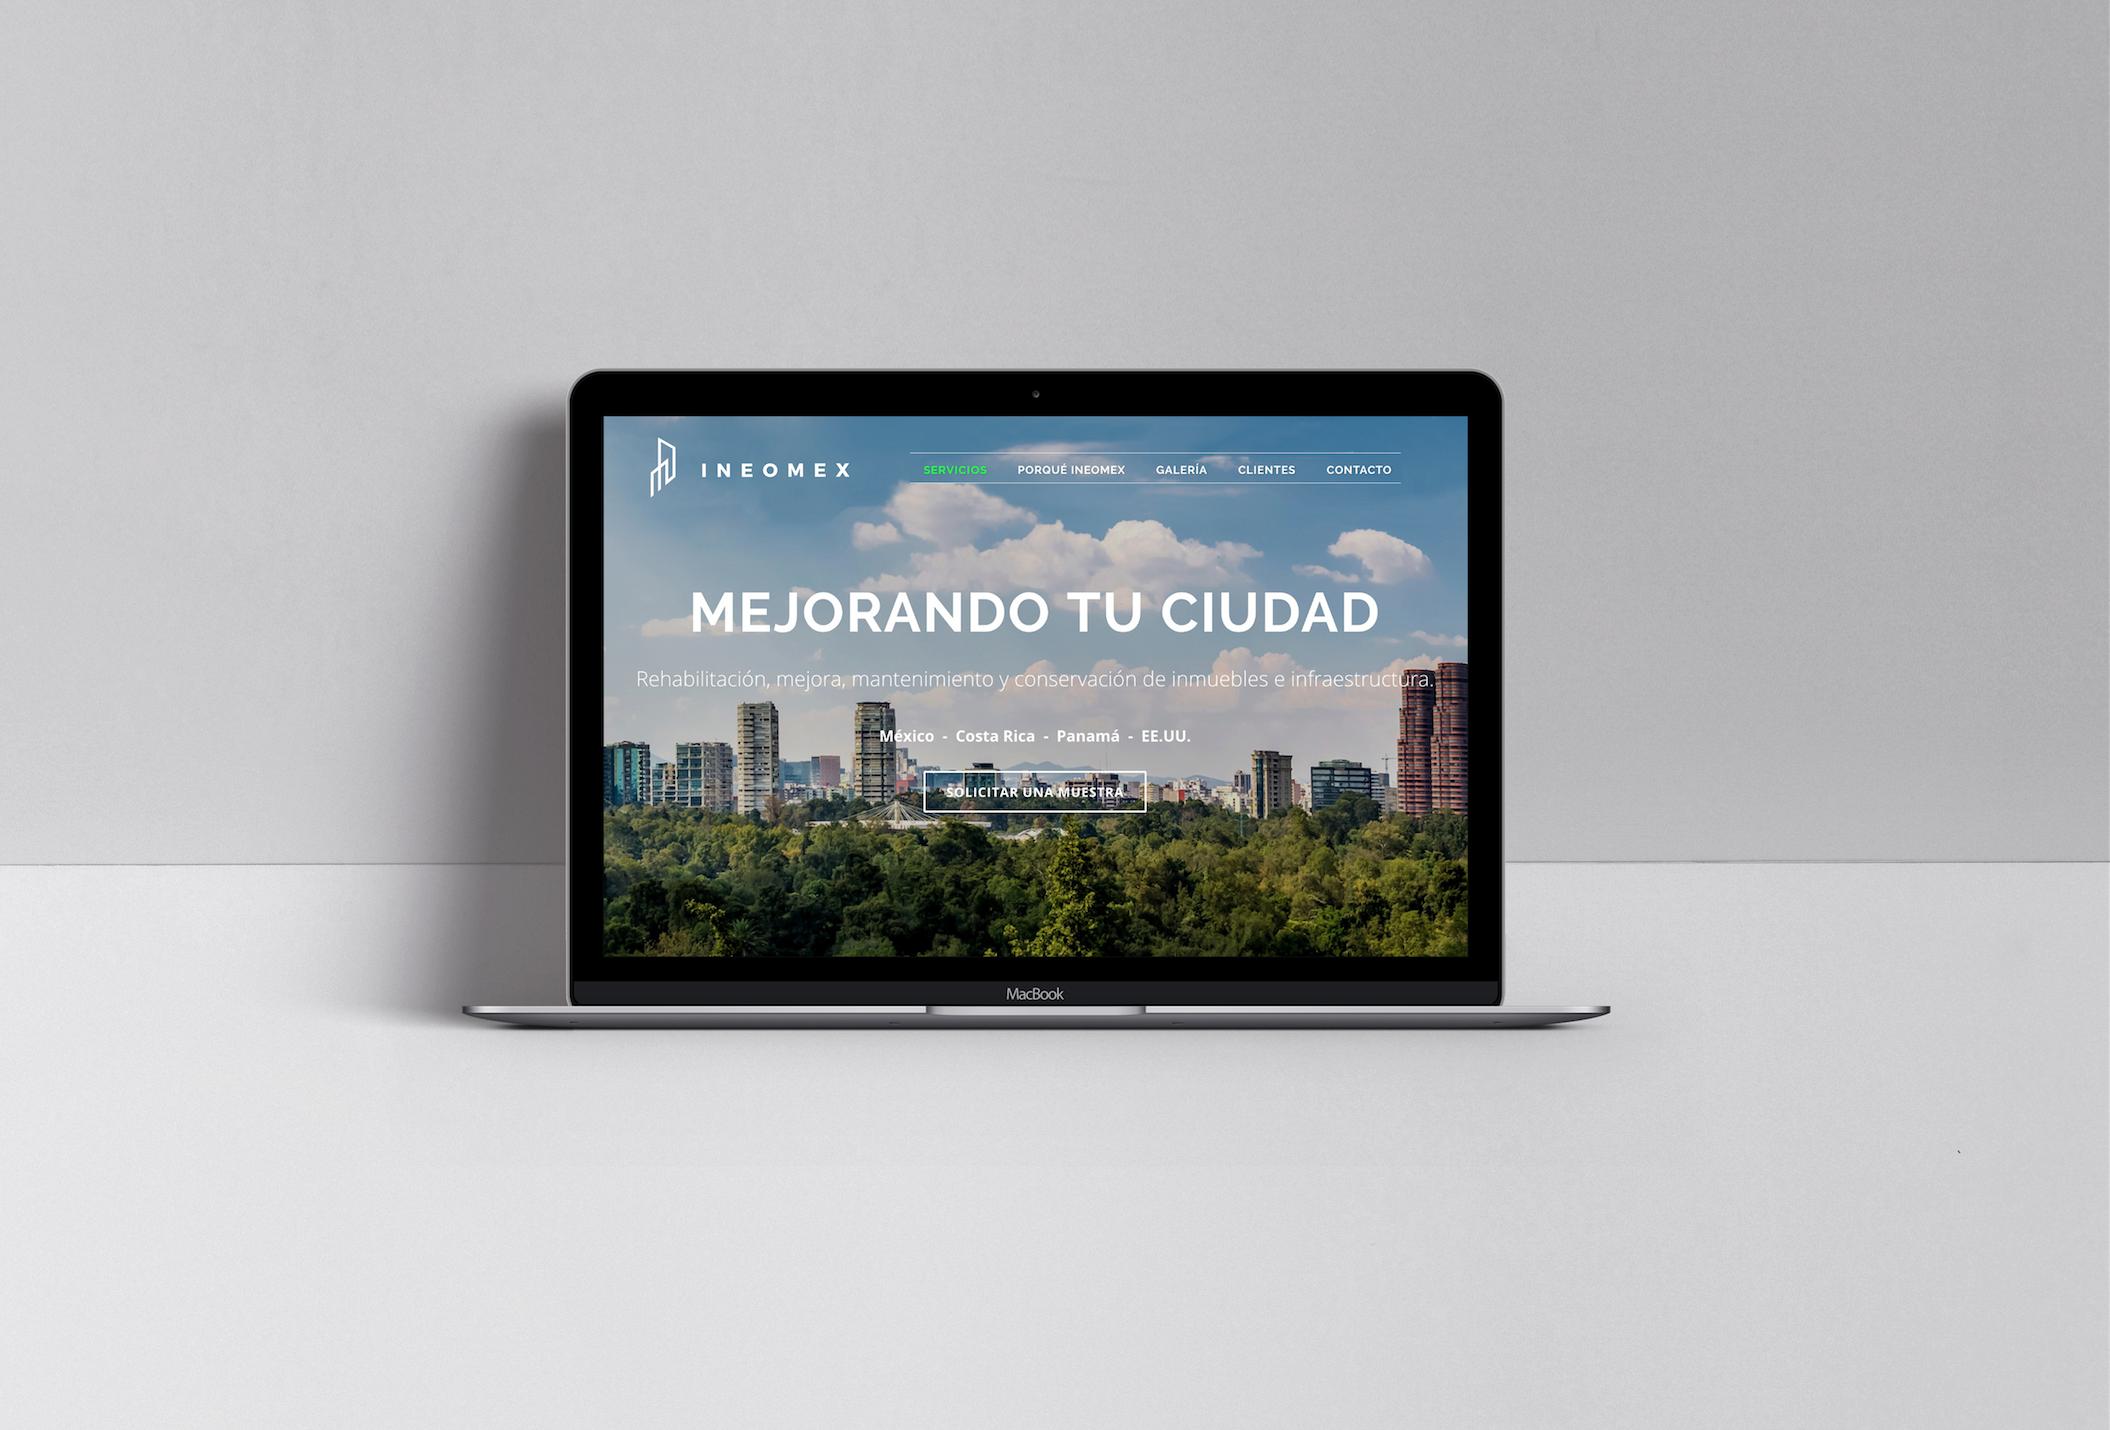 INEOMEX diseñor de website mockup.png